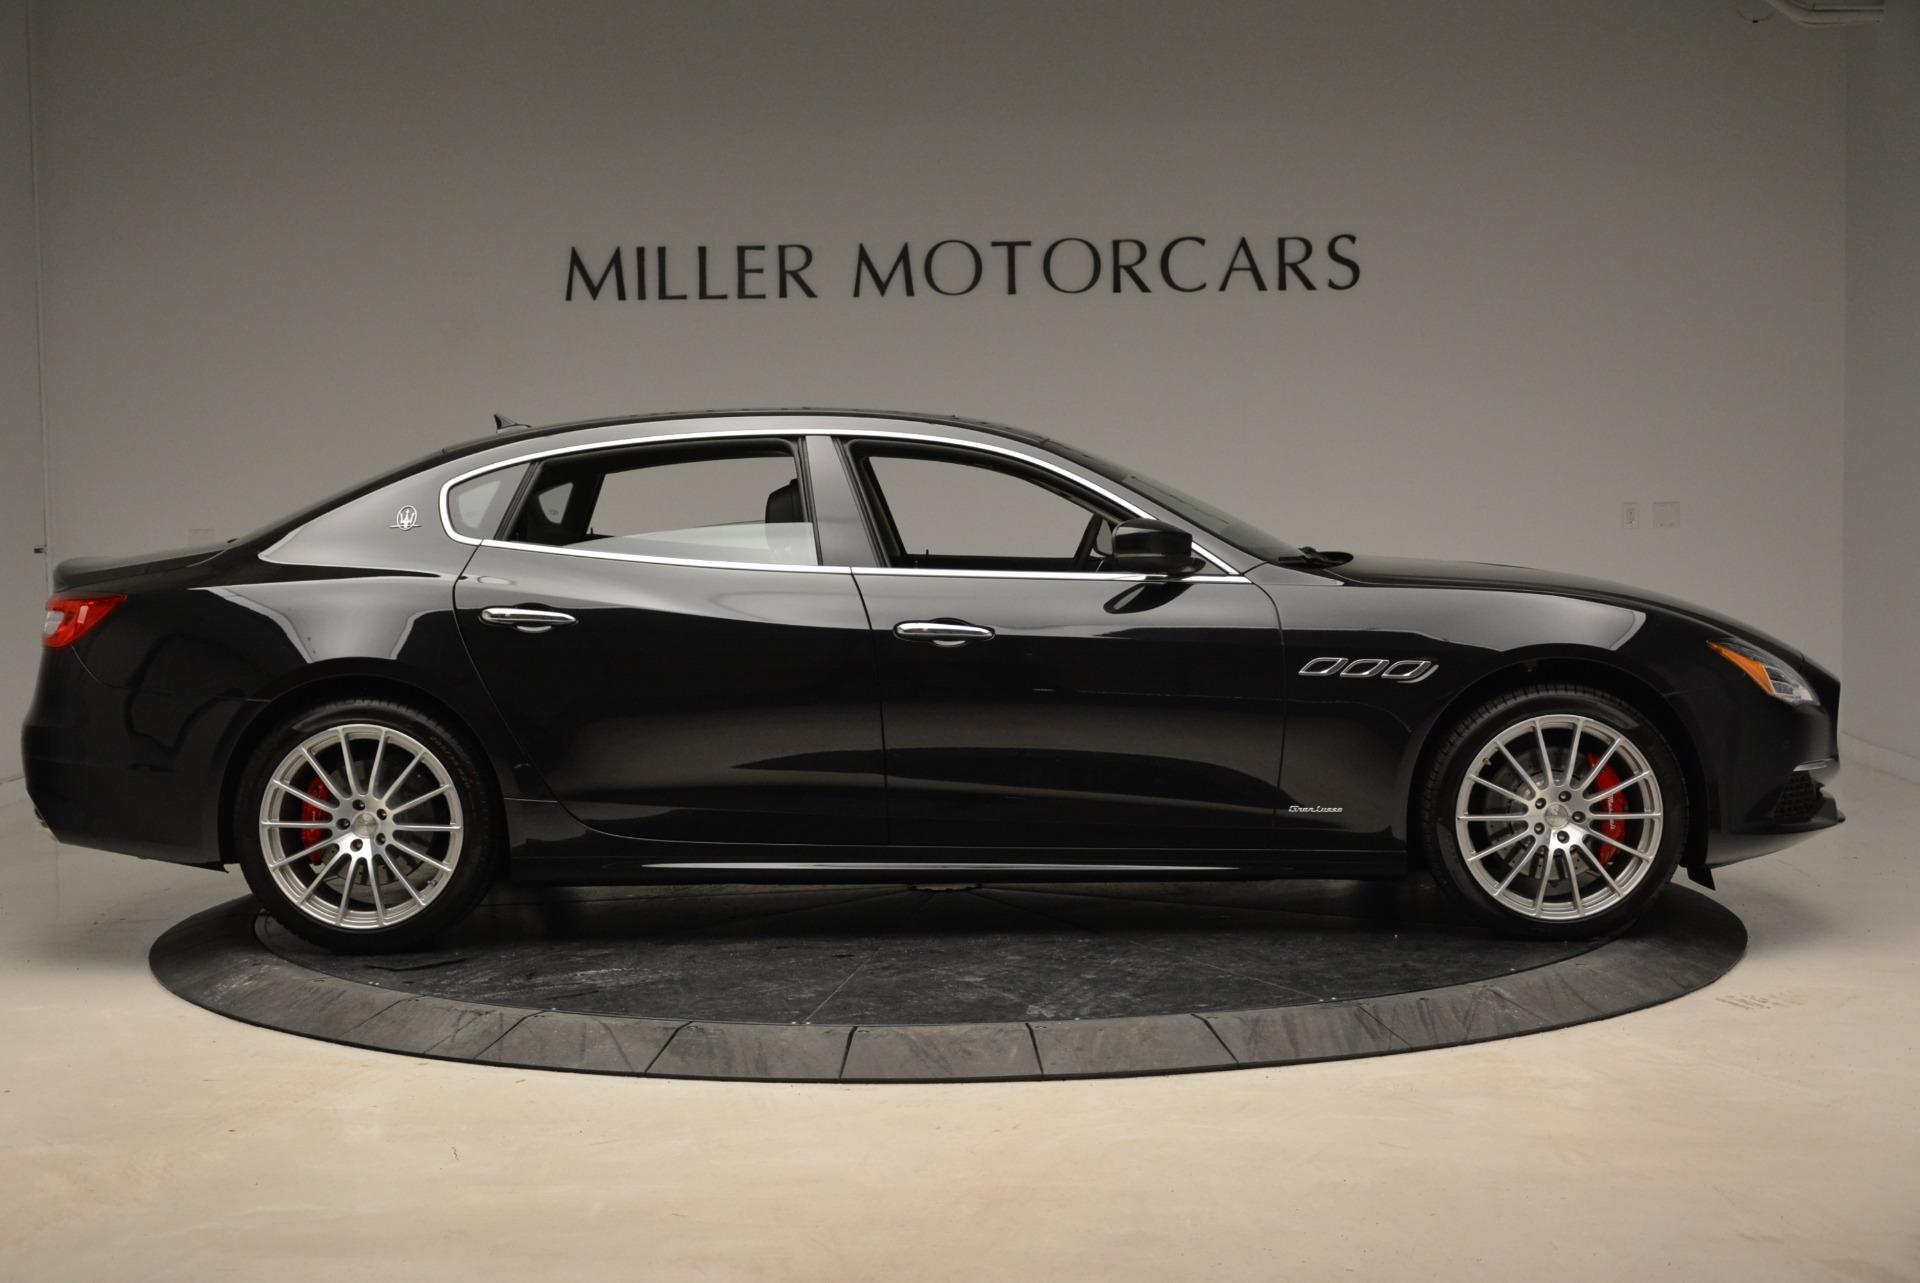 New 2018 Maserati Quattroporte S Q4 GranLusso For Sale In Greenwich, CT 1705_p9